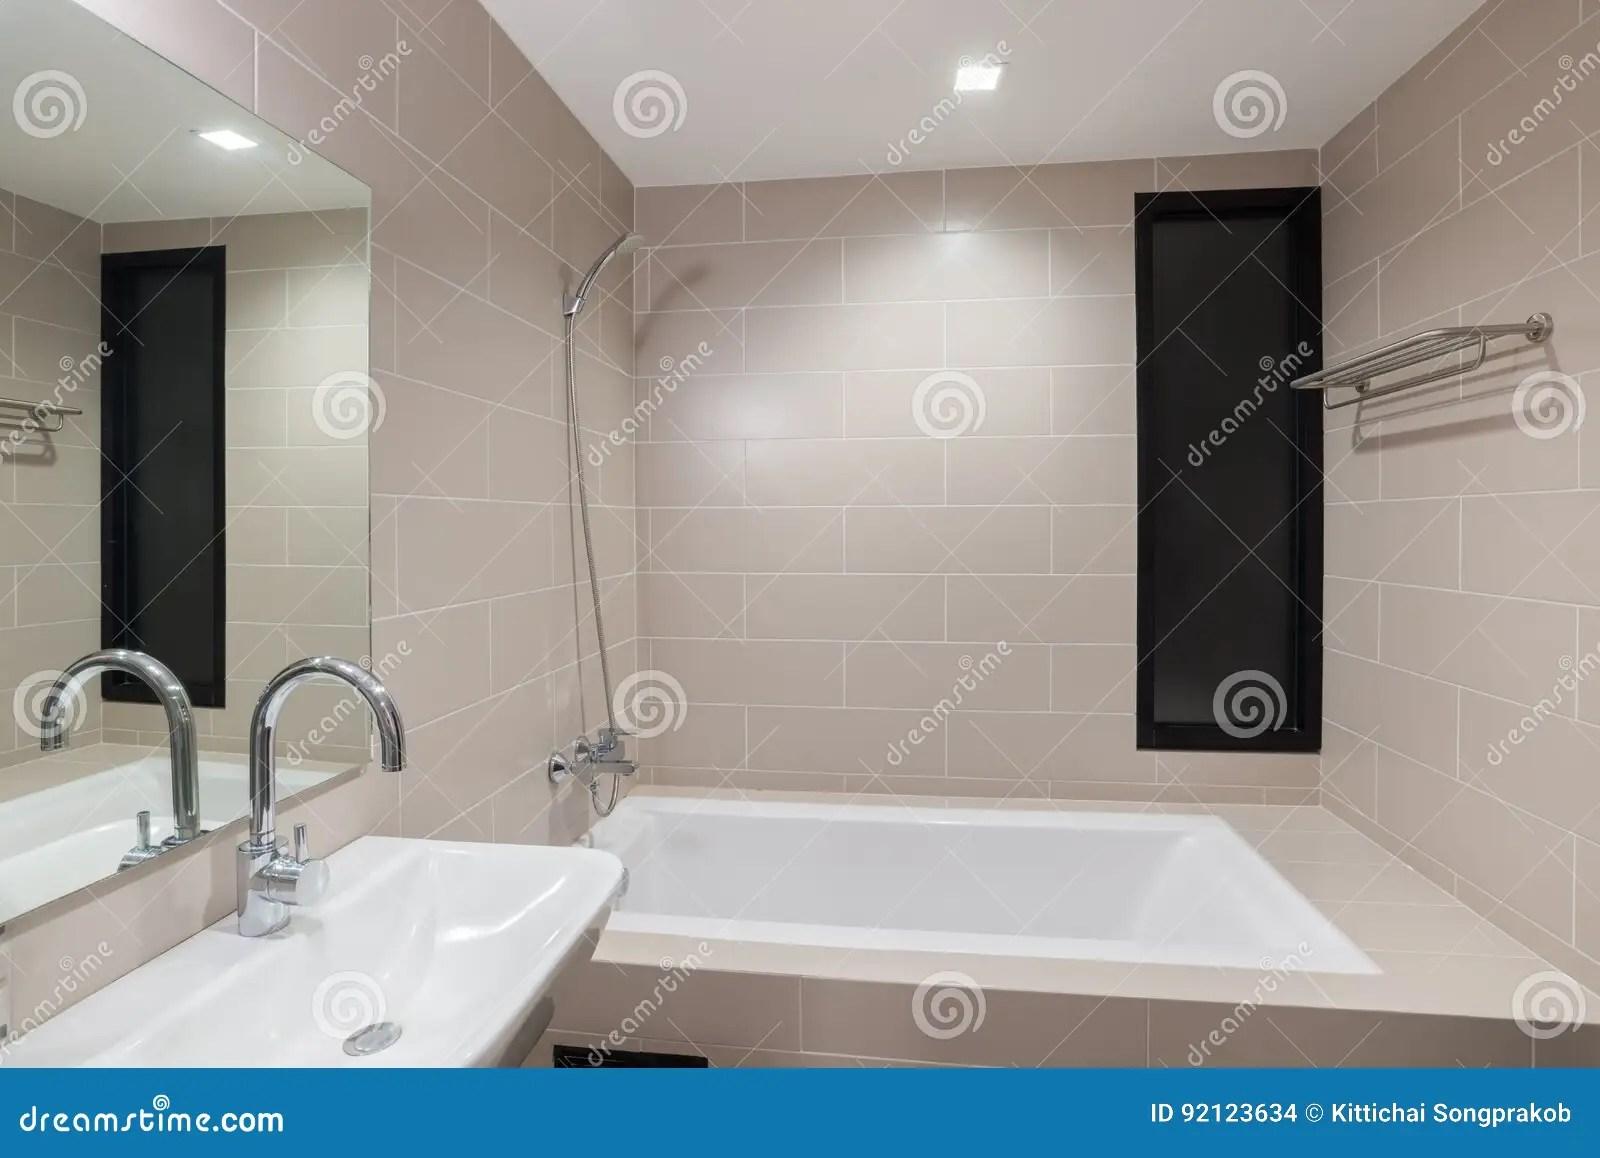 Bagni Con Doccia E Vasca Moderni : Bagni moderni con vasca e doccia bagni moderni i principi delle